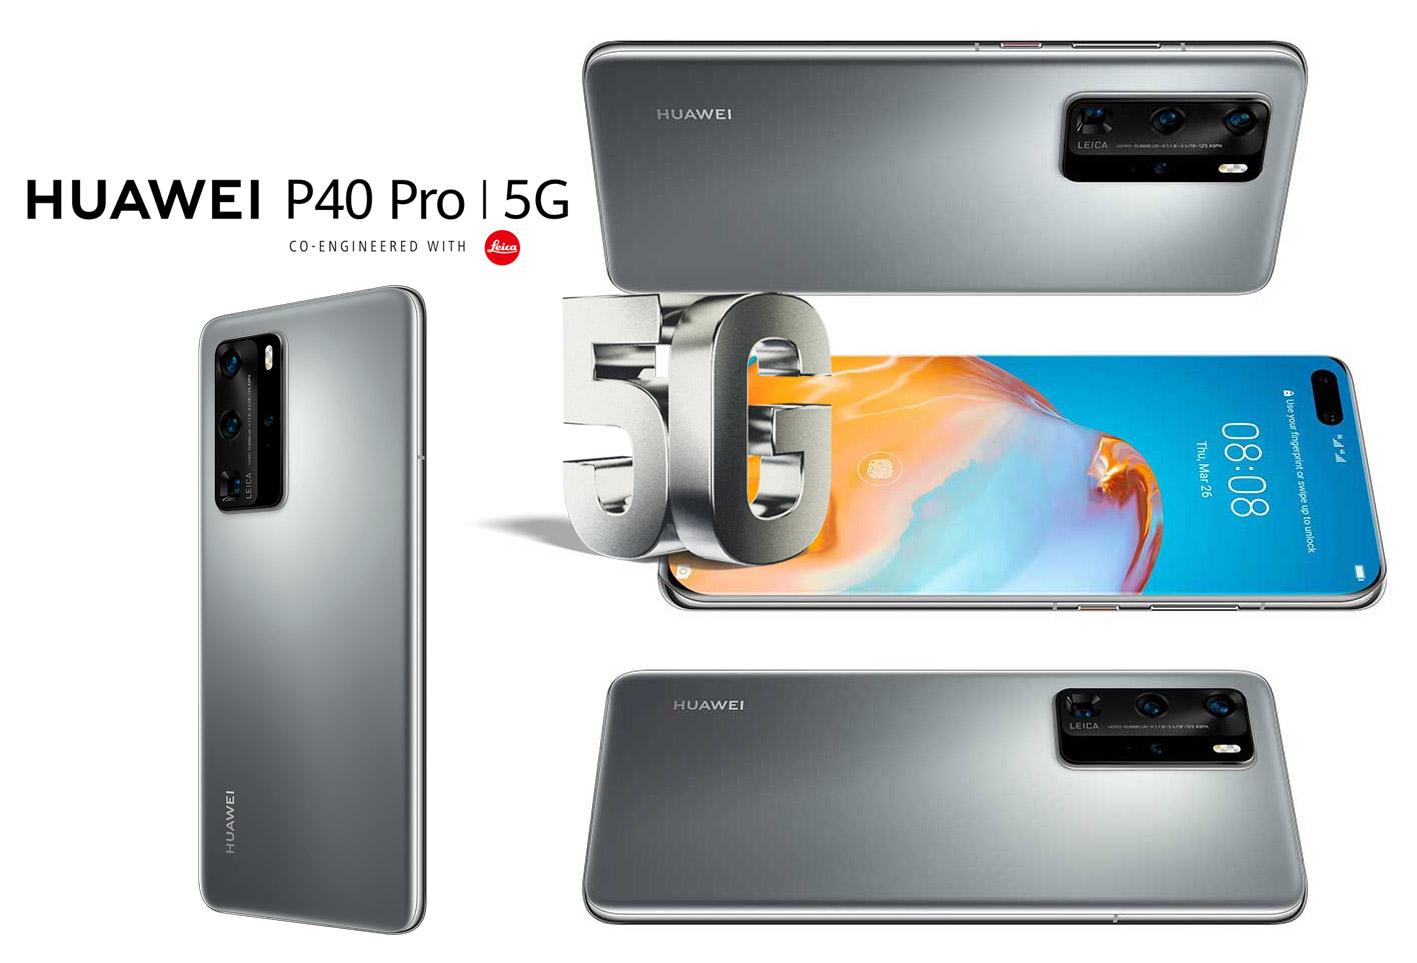 Huawei P40 Pro: Siêu phẩm camera phone đón đầu kỷ nguyên 5G - 4